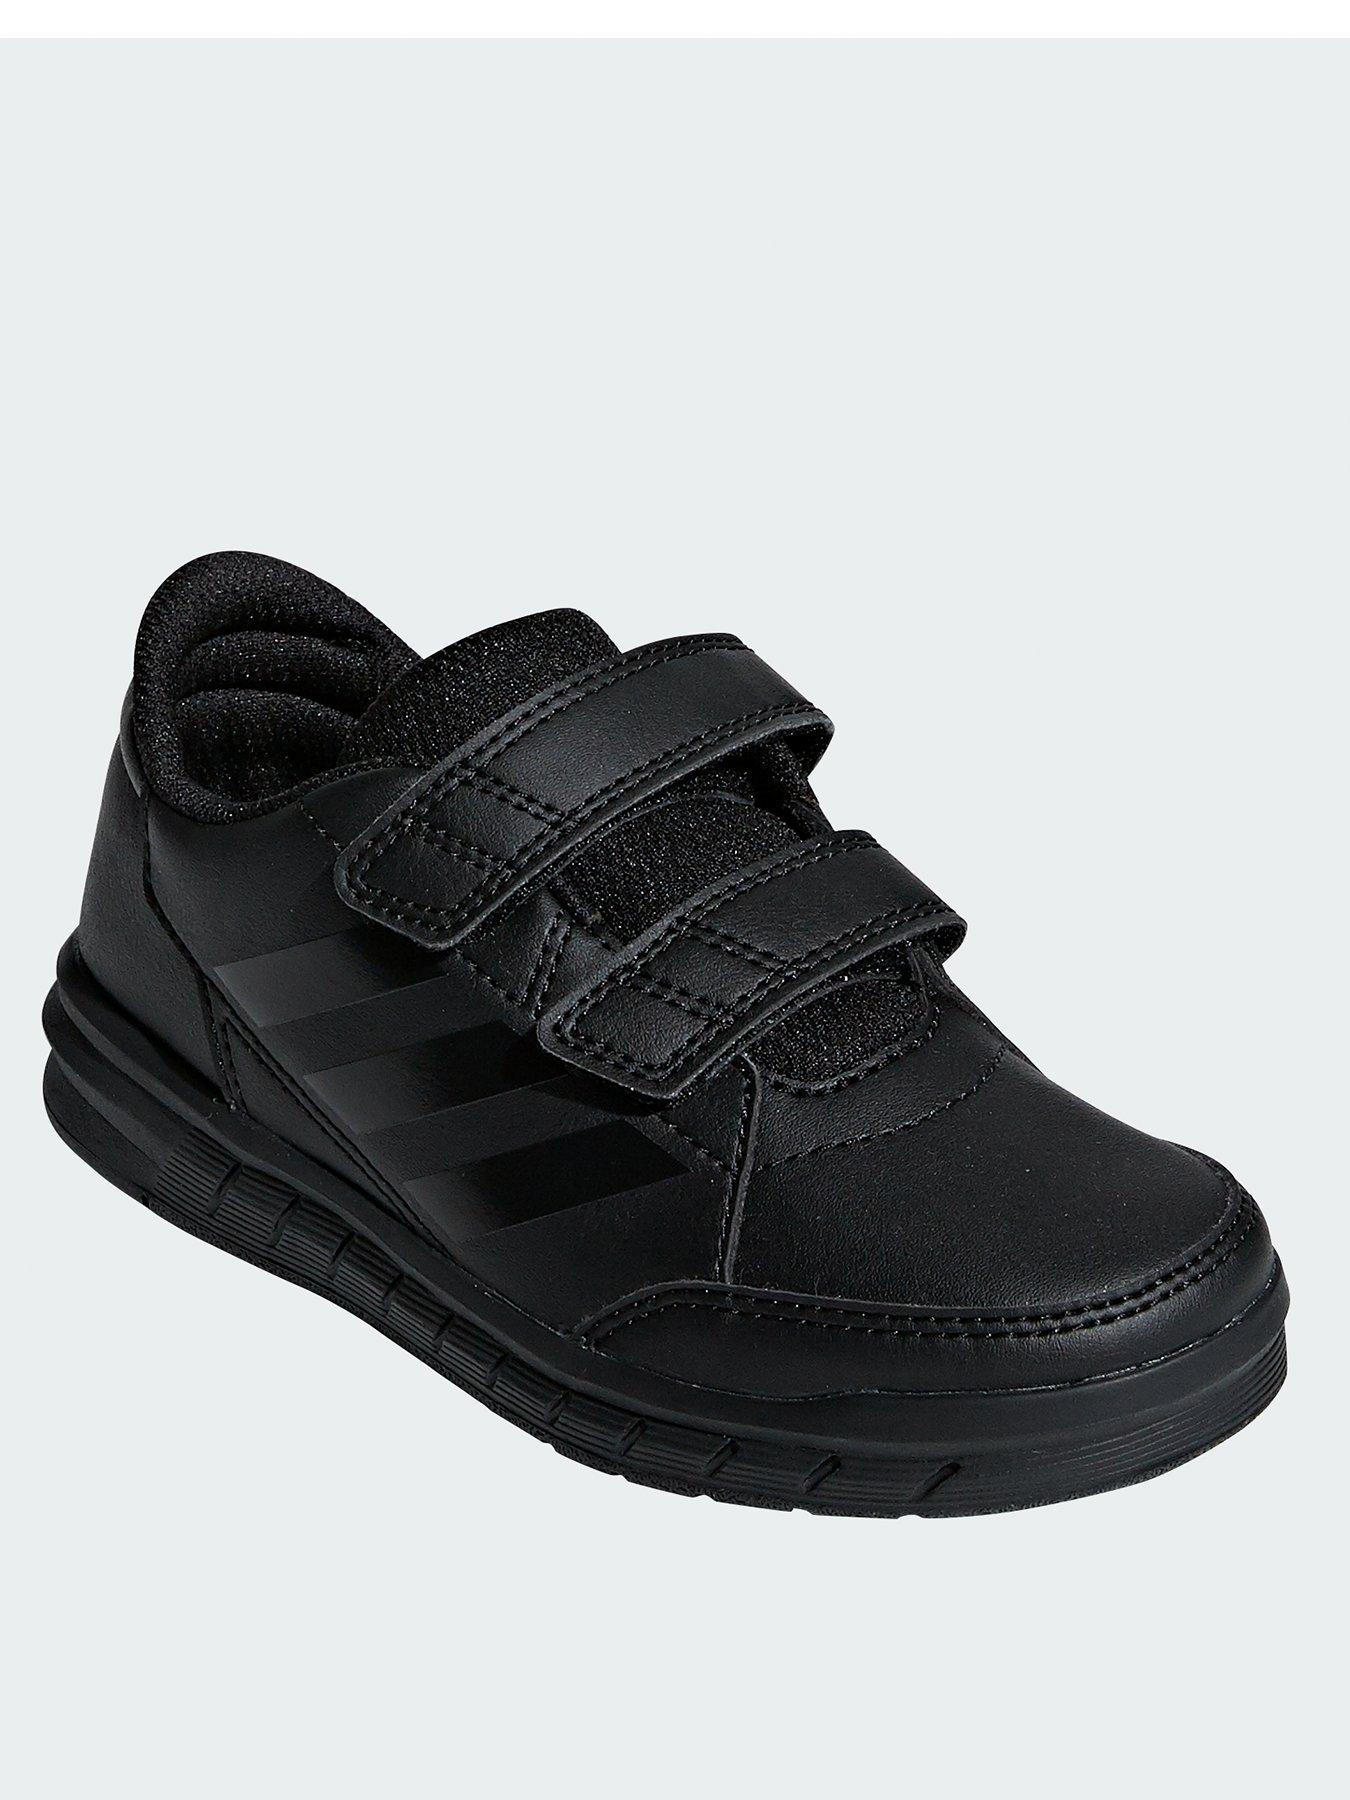 Adidas Sports & Leisure Clothing | Littlewoods Ireland